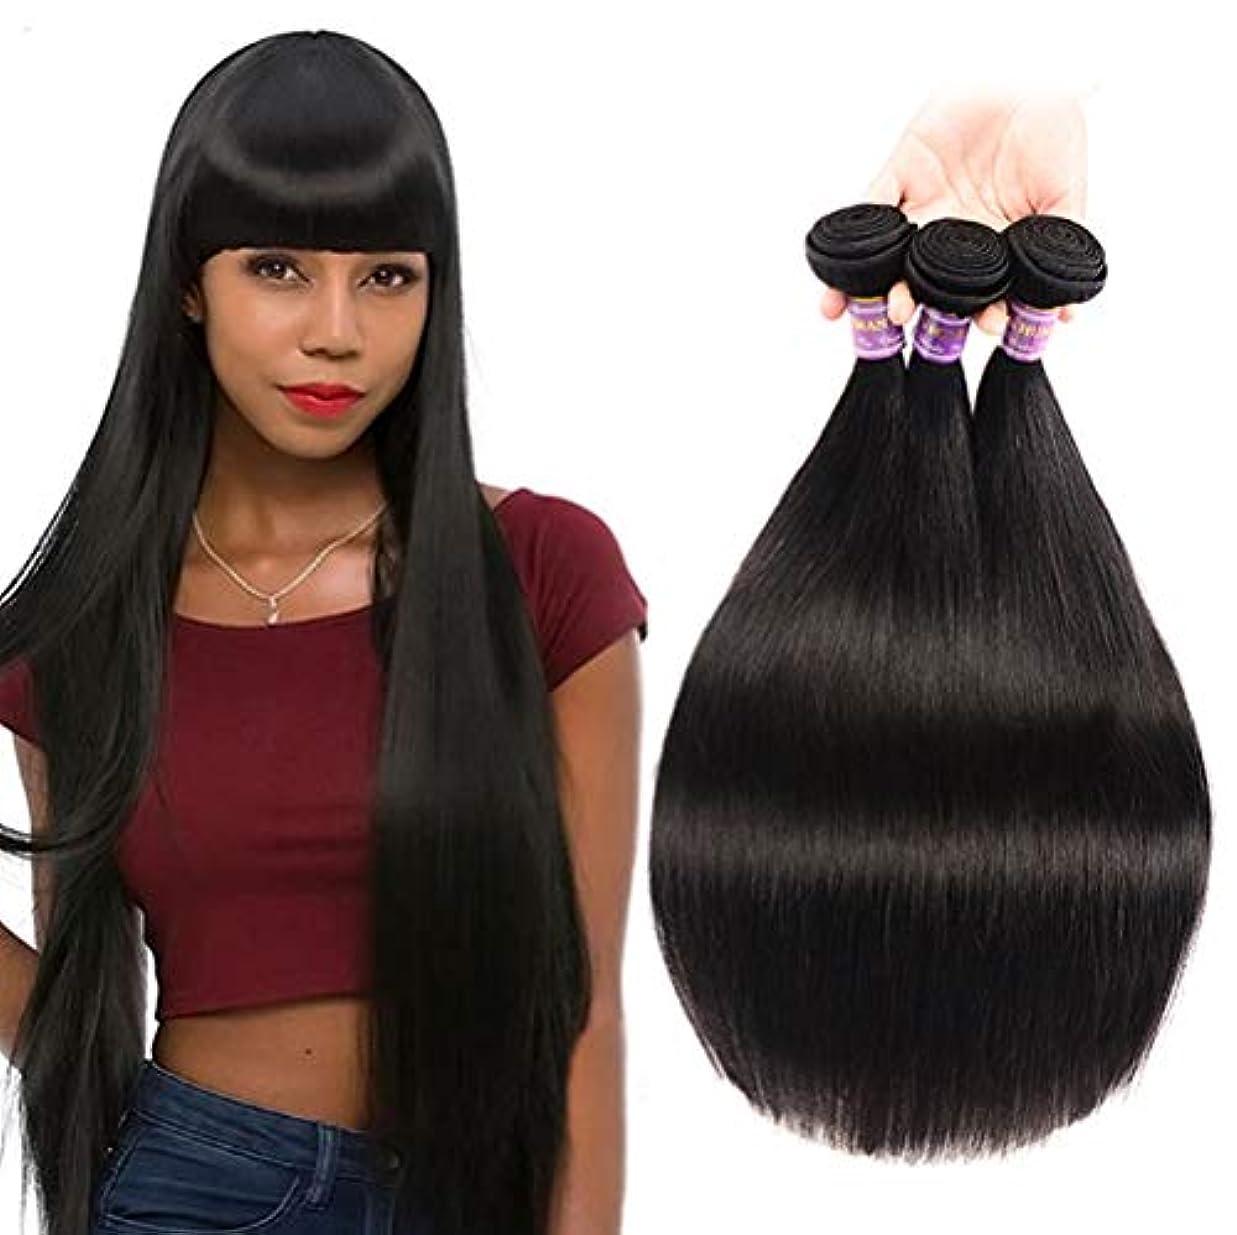 ブロックする物語硬化する女性の髪を編む150%密度ストレート人間の髪の毛バージンバンドル8 aストレート織り髪人間のバンドル100%未処理の絹のようなストレート人間の髪の毛